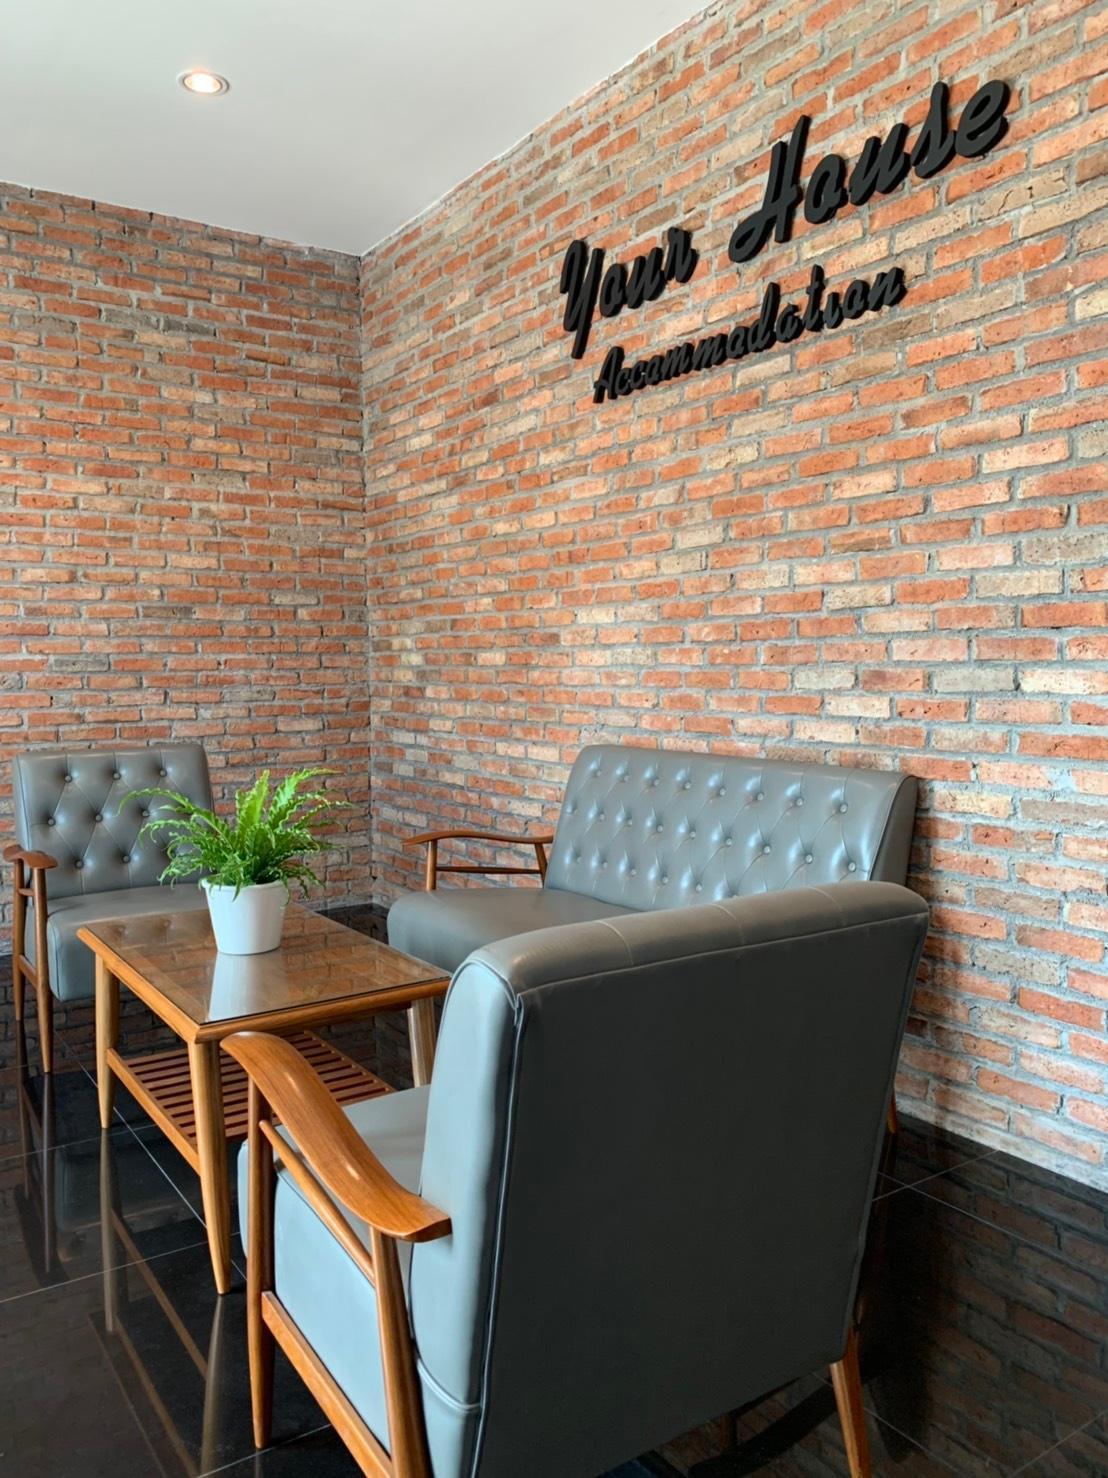 Your house accomodation Krabi บ้านเดี่ยว 3 ห้องนอน 2 ห้องน้ำส่วนตัว ขนาด 200 ตร.ม. – นพรัตน์ธารา